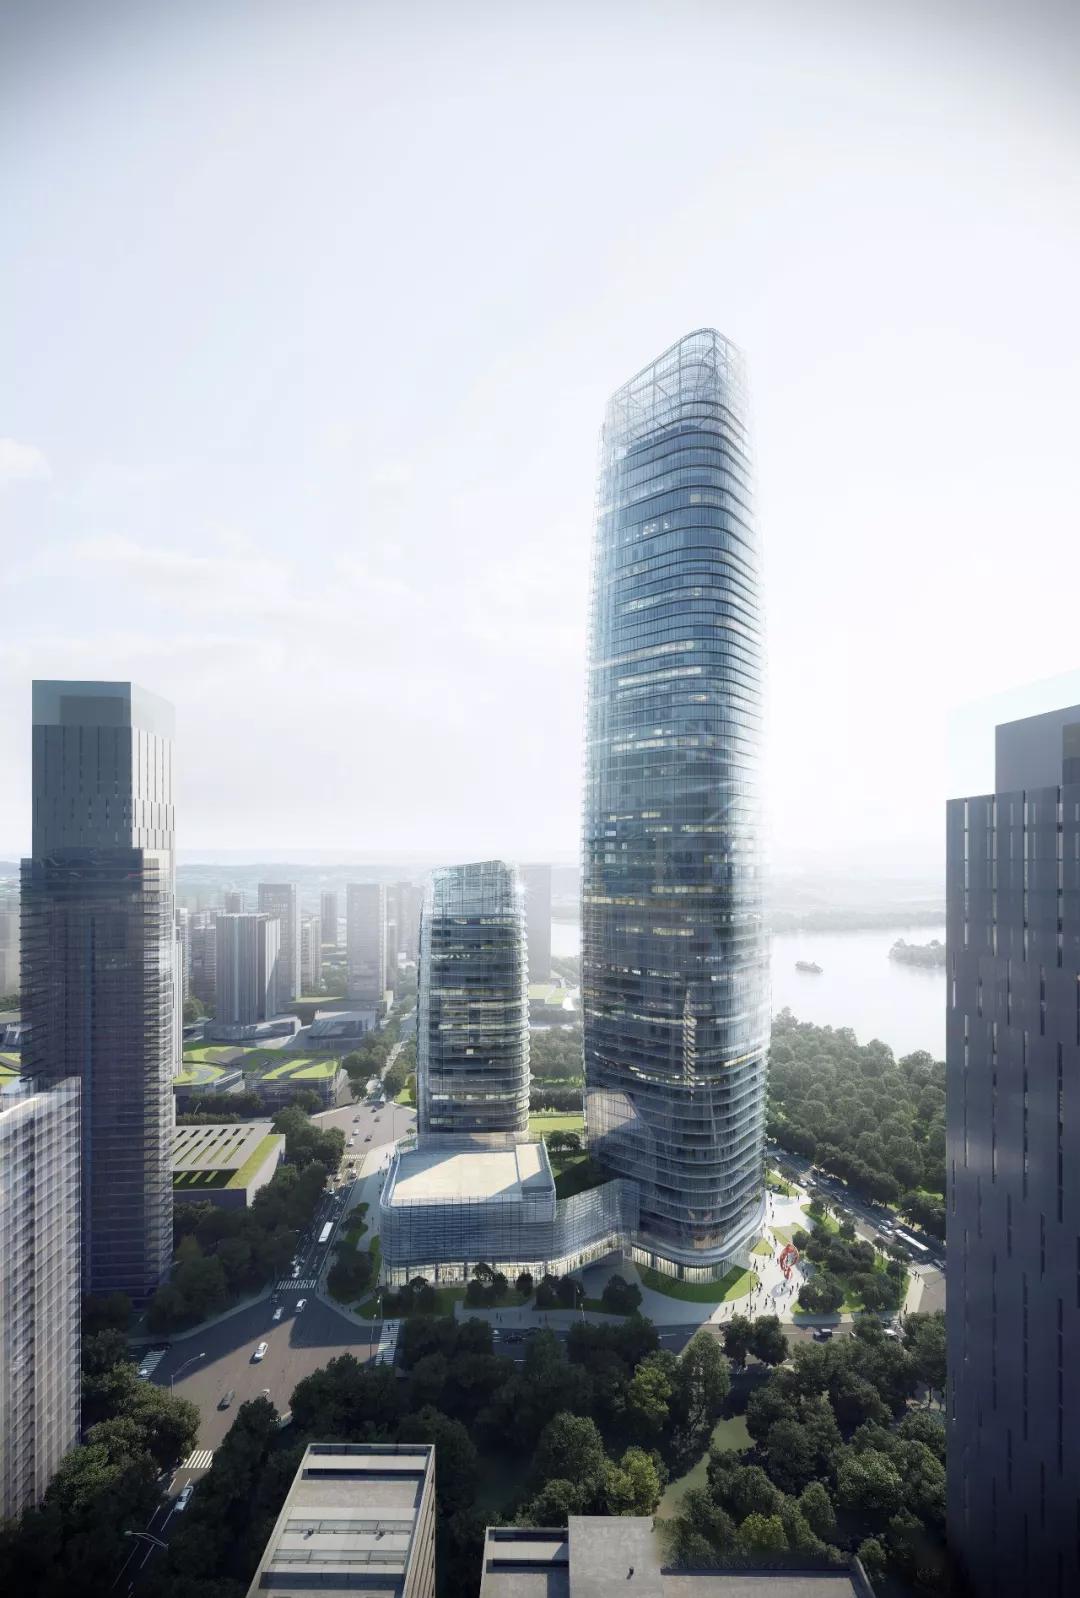 百强城市——宜宾!288米地标建筑核心筒封顶,川南最高摩天楼